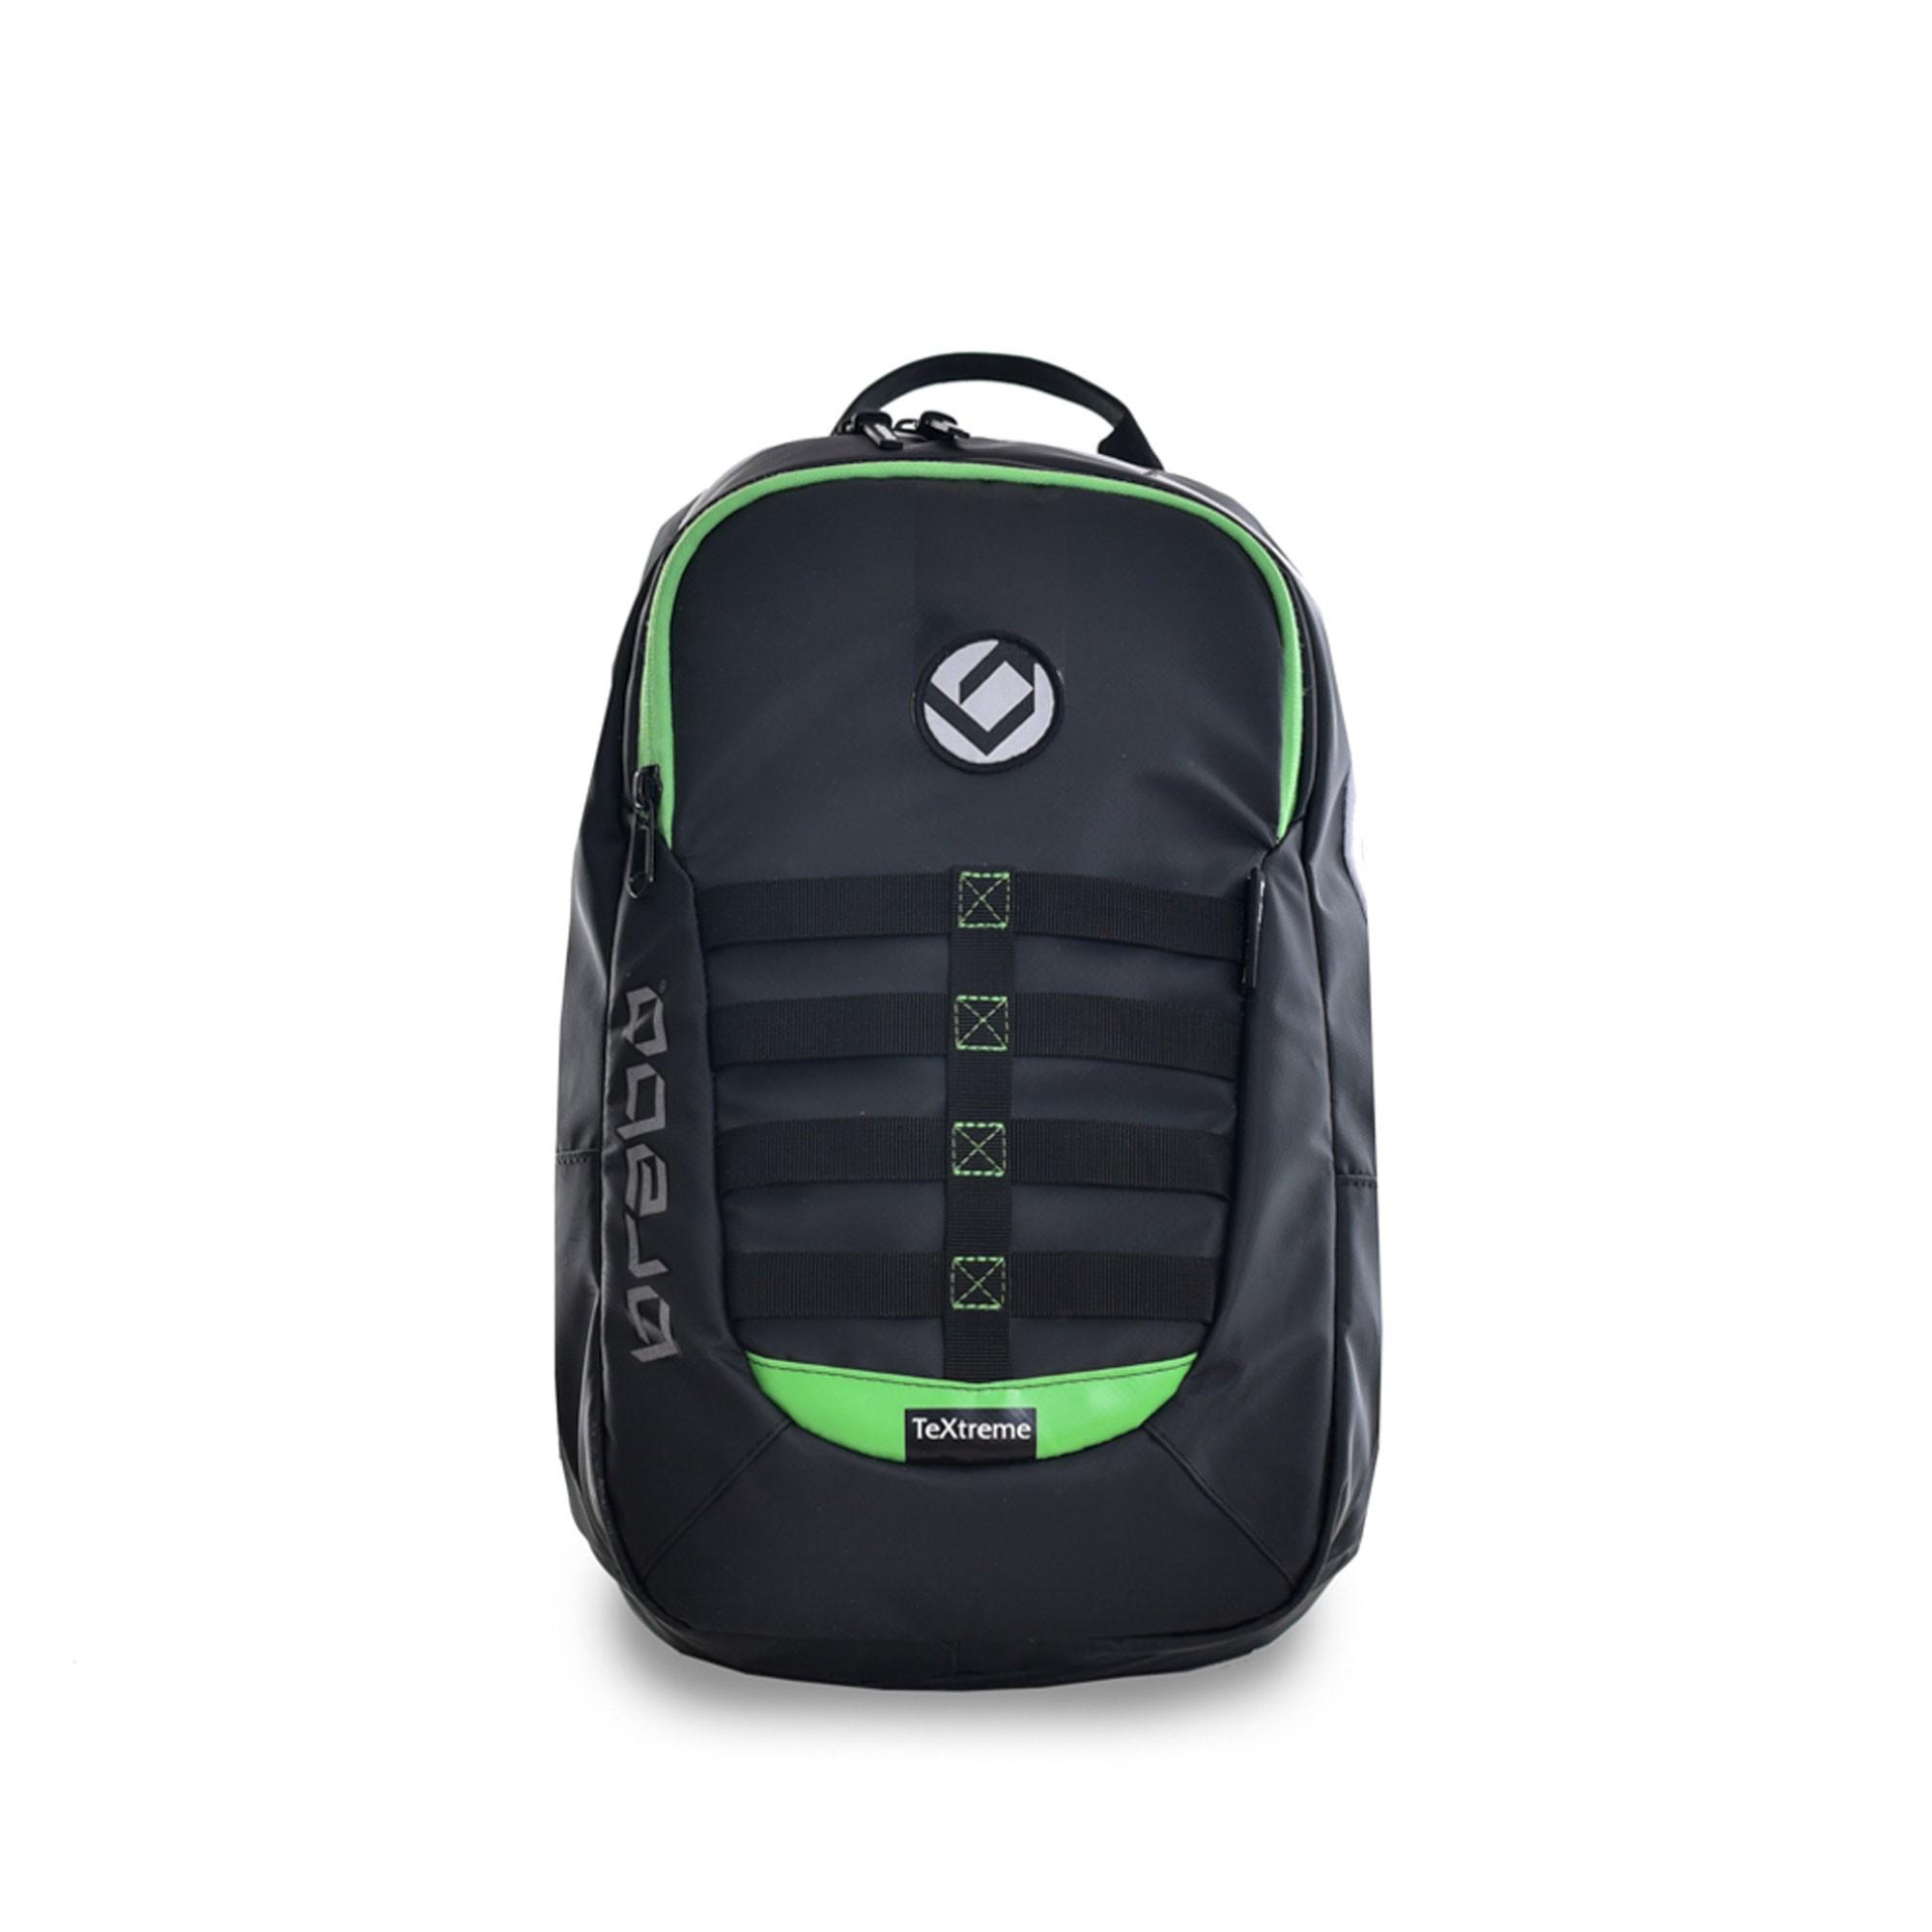 Afbeelding van Brabo Backpack TeXtreme Hockeytas Junior Black Green